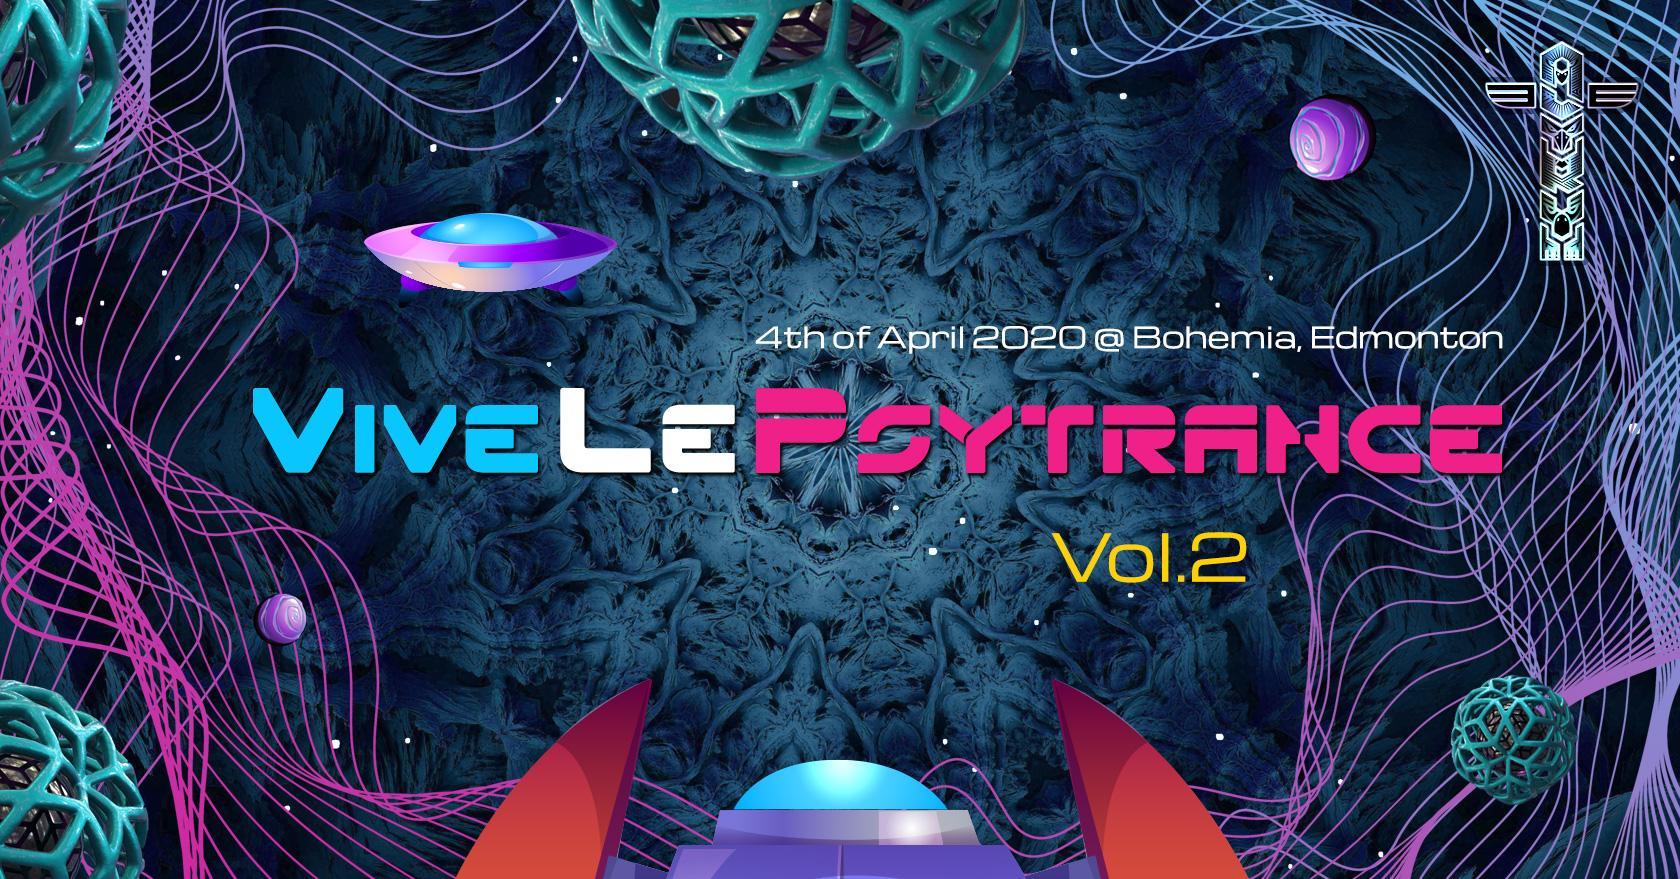 Vive Le Psytrance!